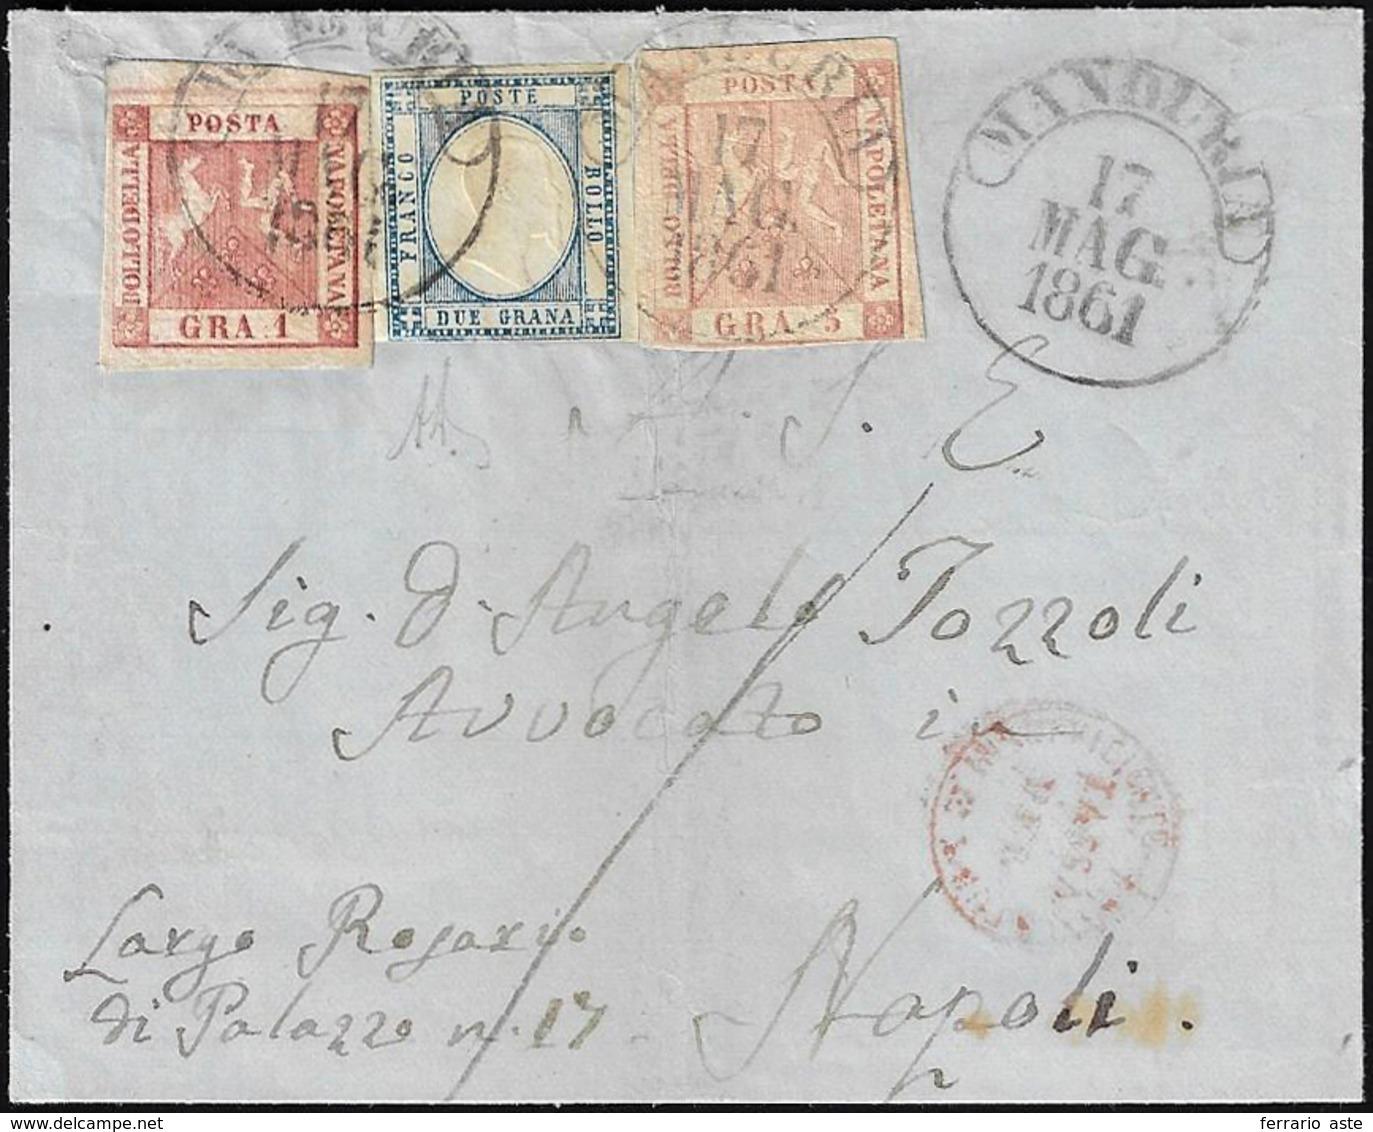 1861 - 1 Grano Carminio, II Tavola, Perfetto, 5 Grana Rosa Brunastro I Tavola, Giusto In Basso, In A... - Napoli